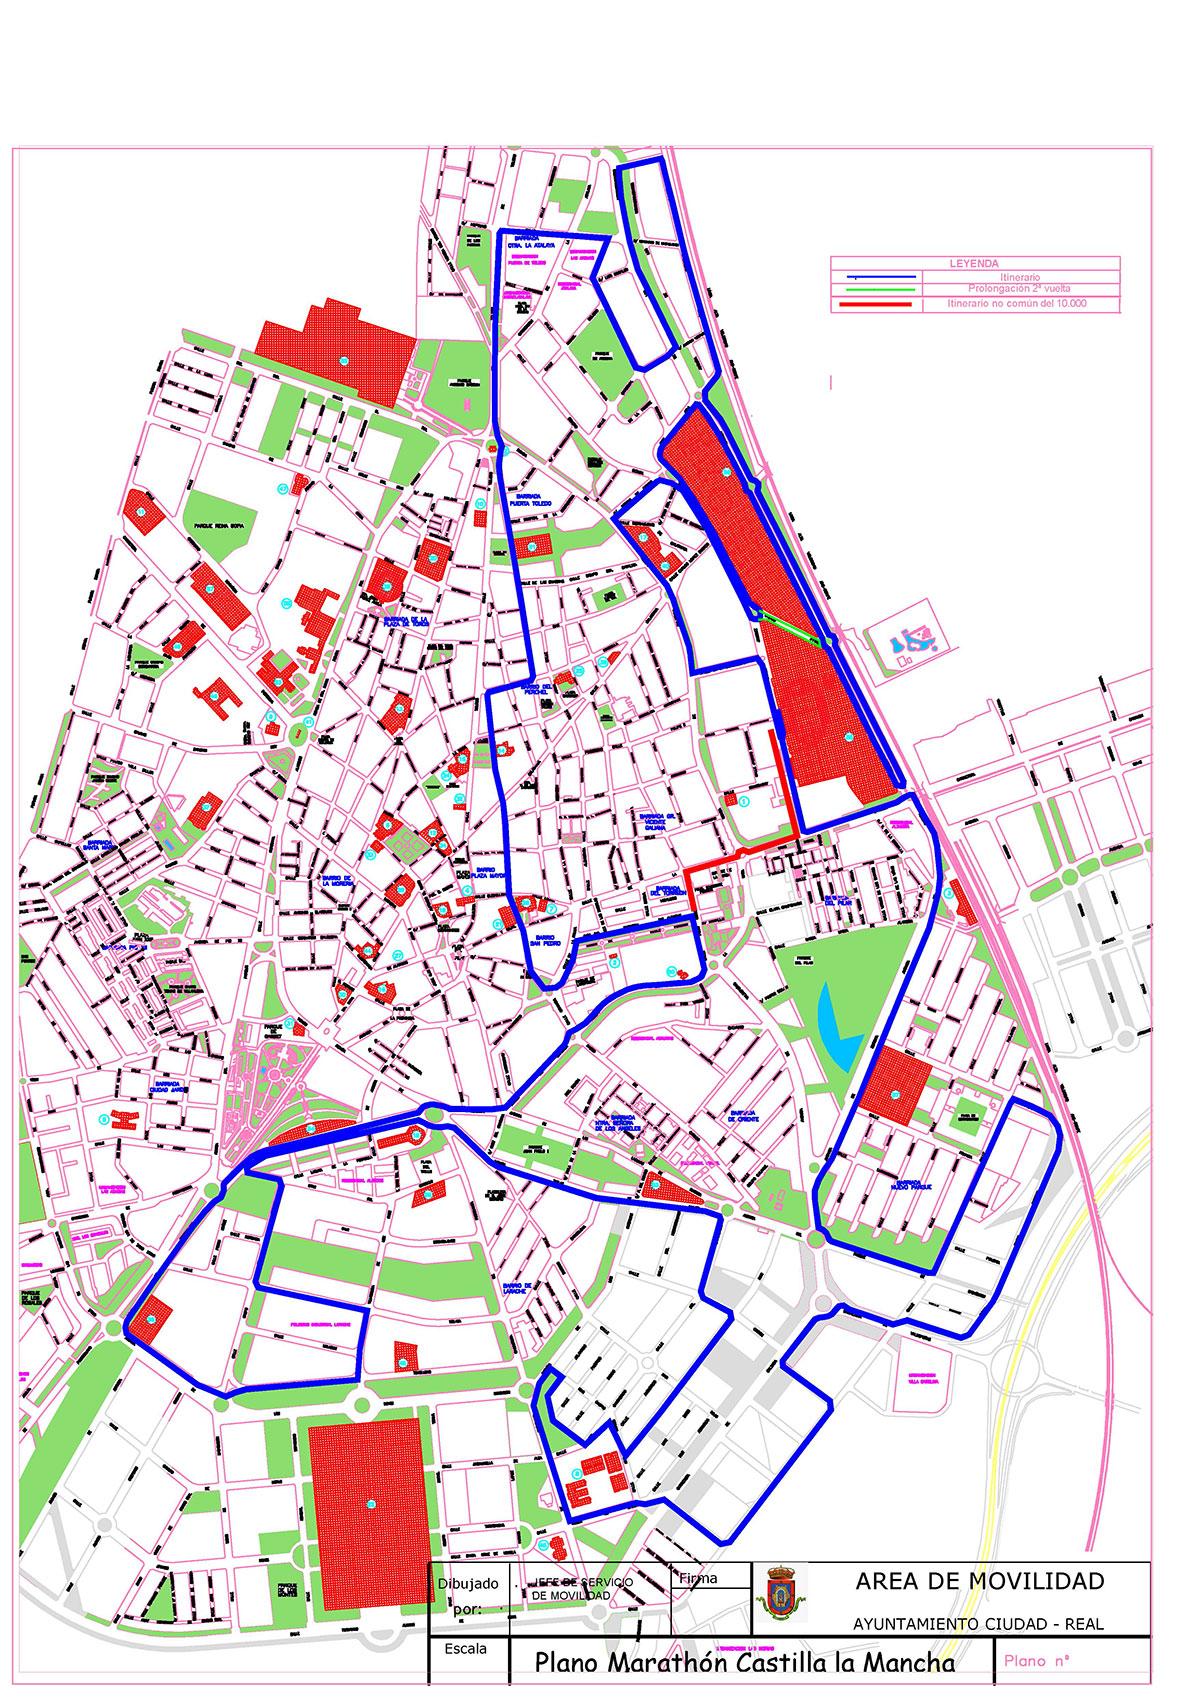 Cortes de tráfico con motivo de la XX Maratón de Castilla-La Mancha el domingo 18 de octubre